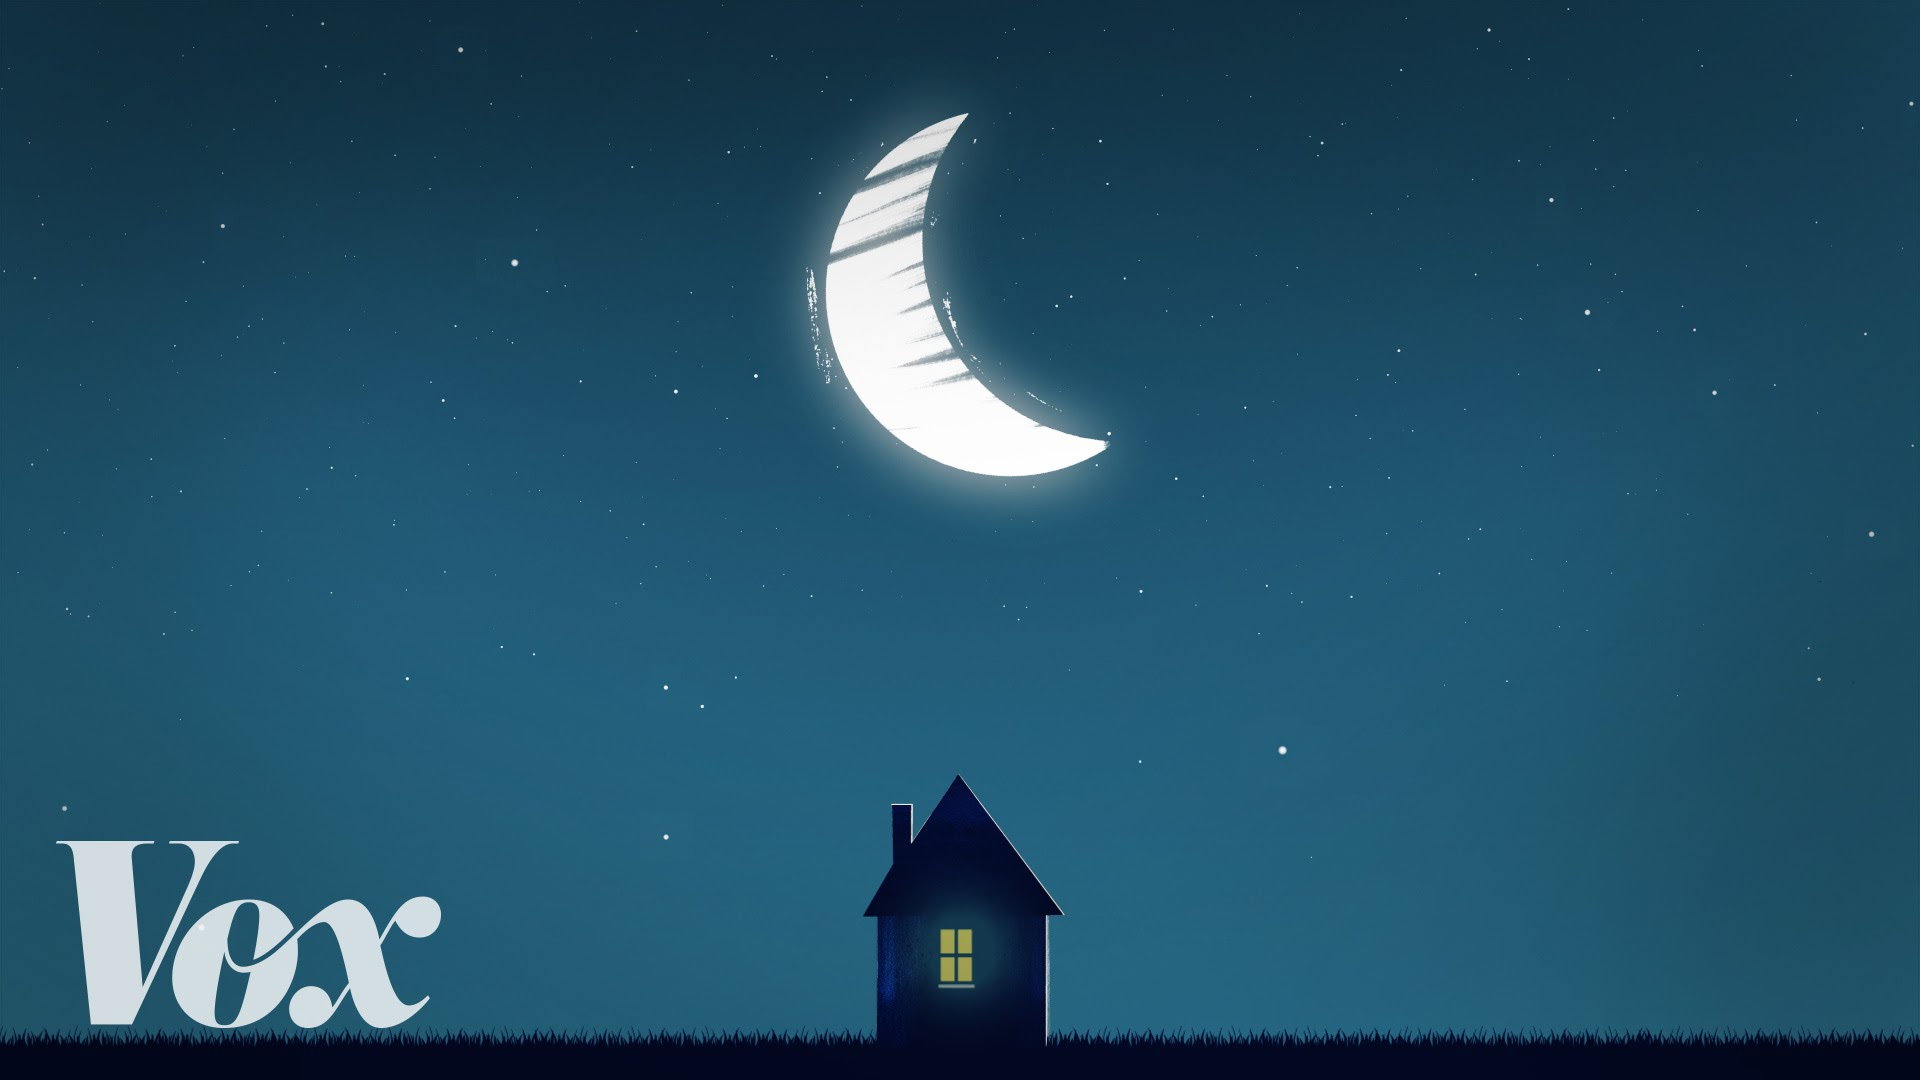 「超簡單方法,讓你睡得超舒服!」- Better Sleep: A 2-Minute Guide